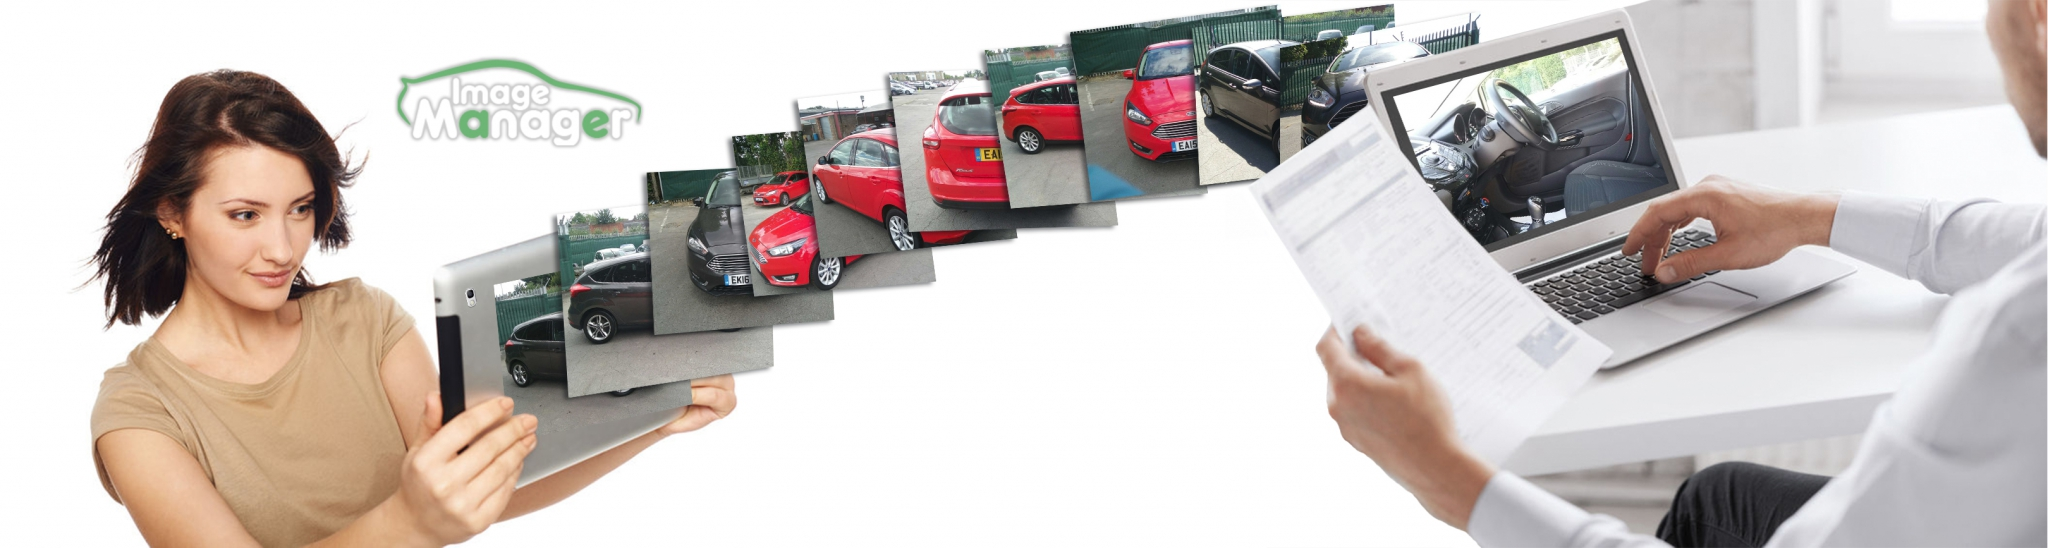 im - images - KJL Automotive Solutions